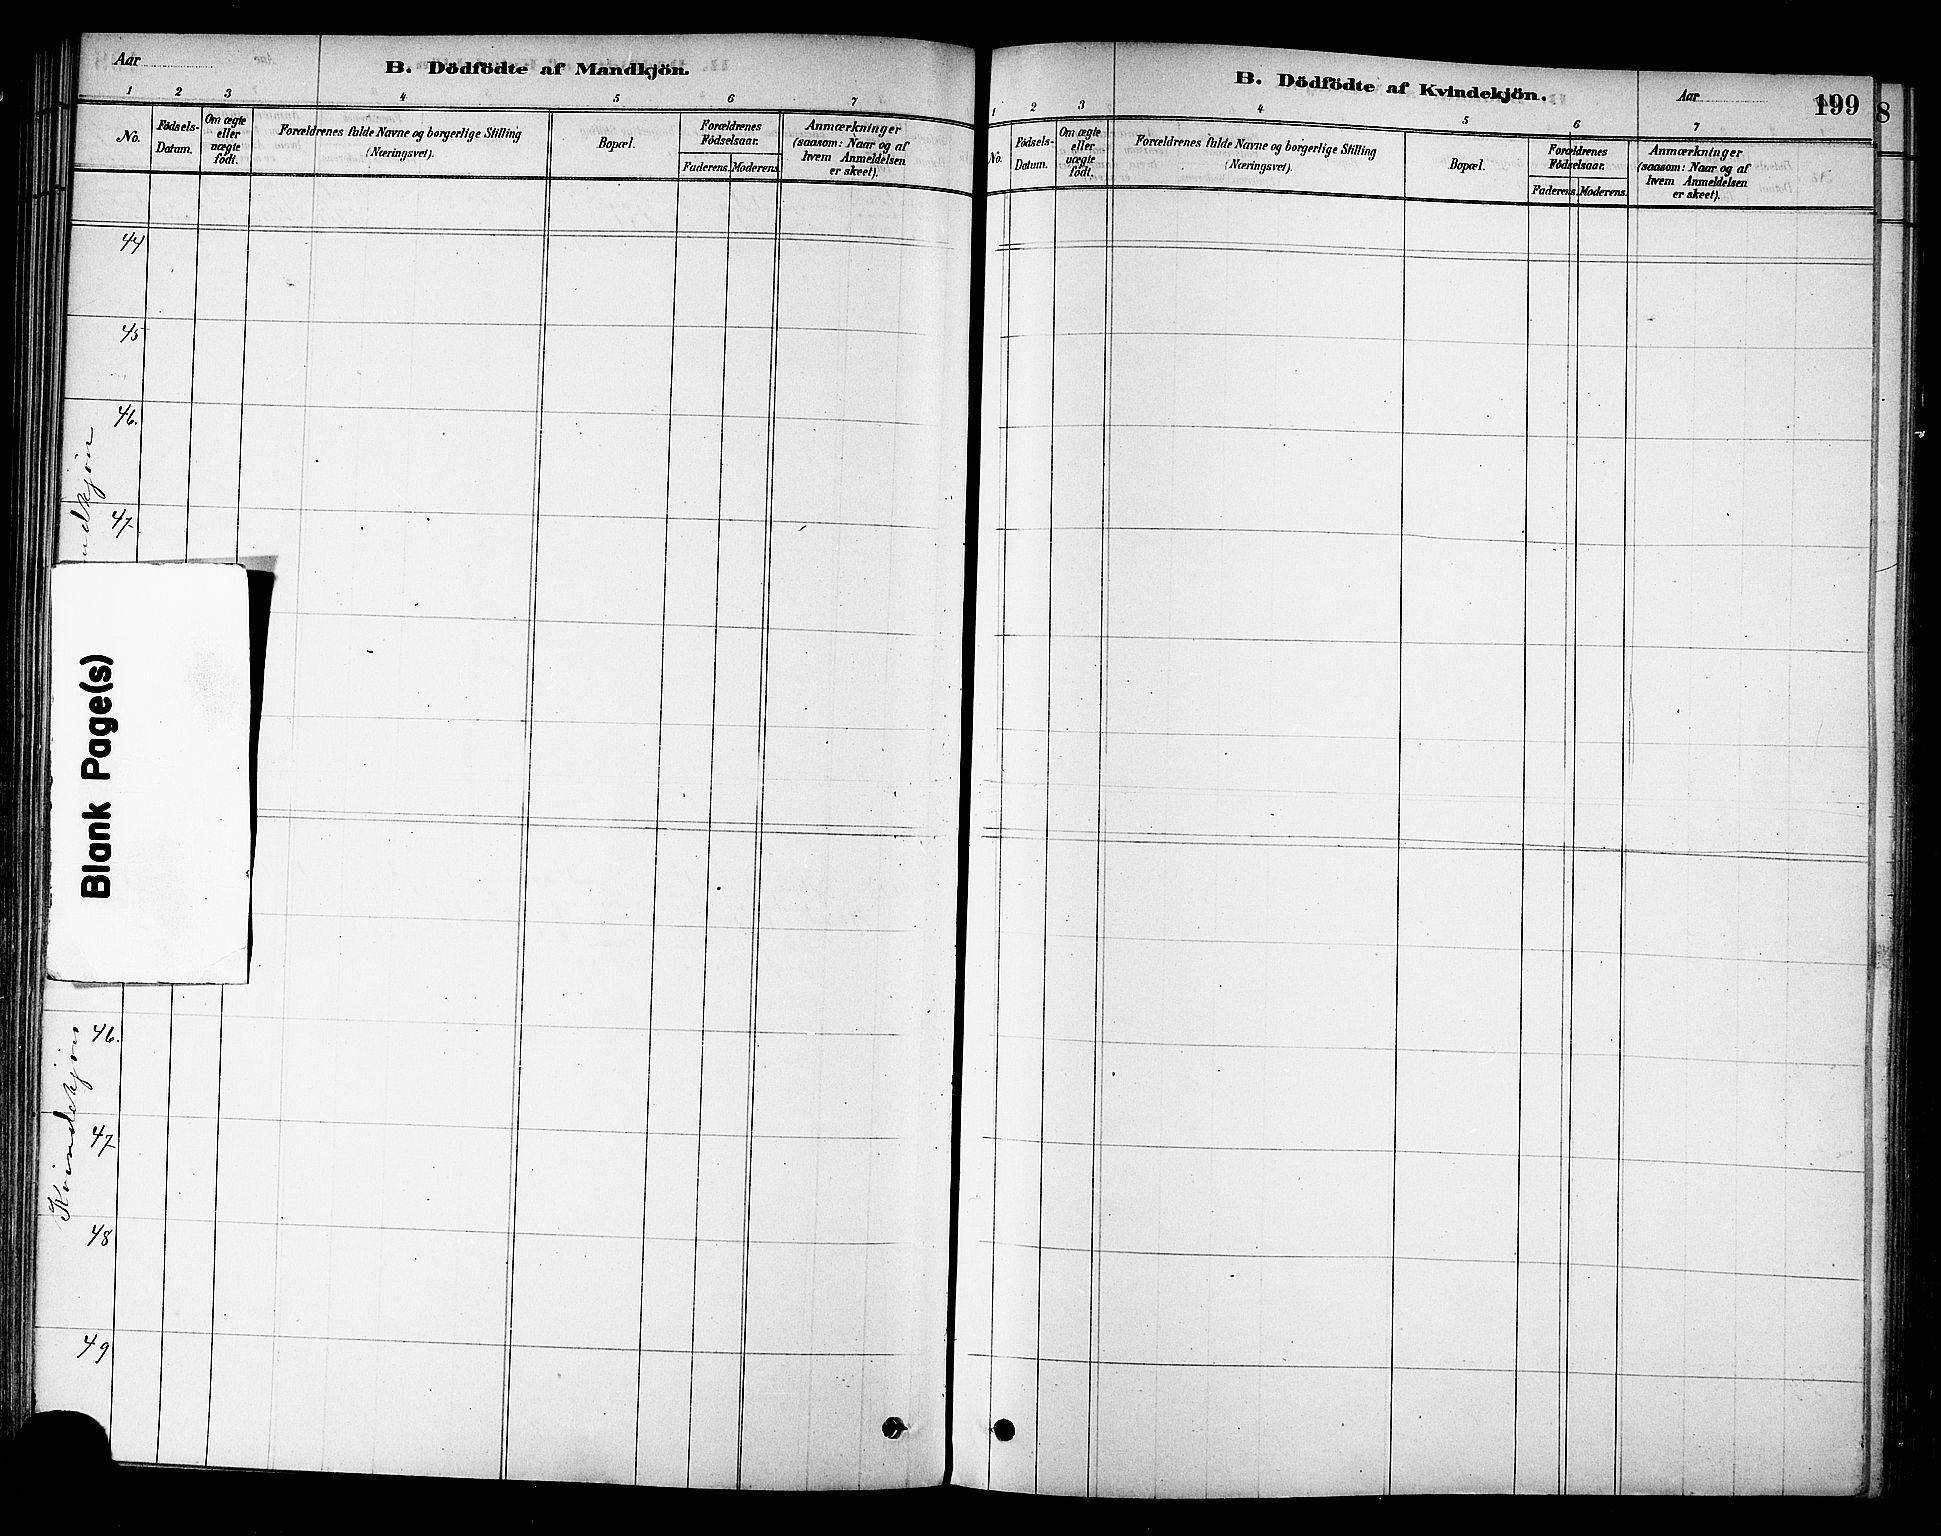 SAT, Ministerialprotokoller, klokkerbøker og fødselsregistre - Sør-Trøndelag, 695/L1148: Ministerialbok nr. 695A08, 1878-1891, s. 199